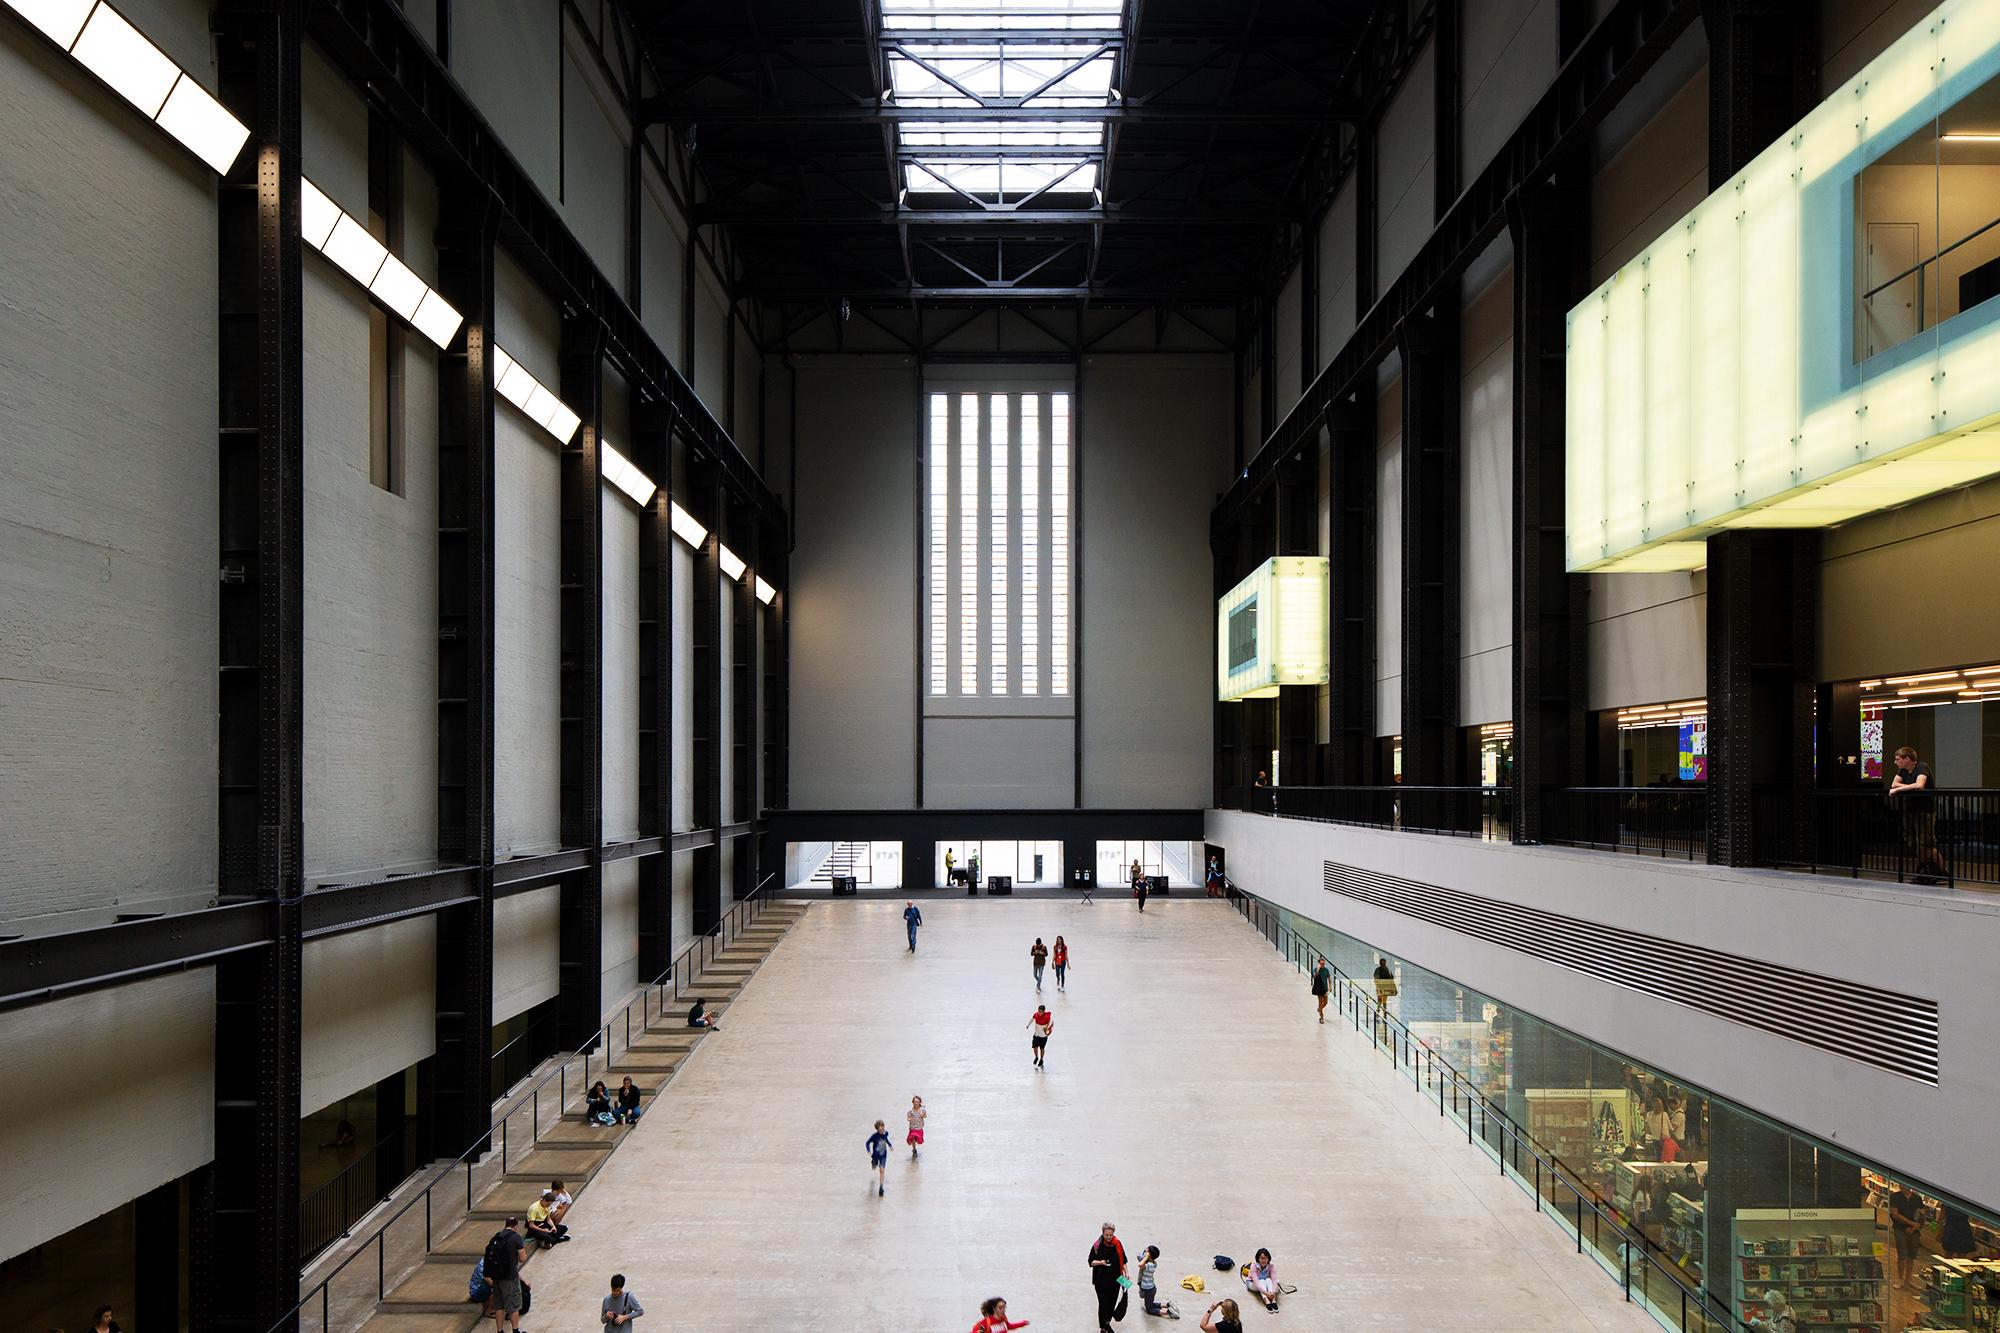 2018_London_TurbineHall_3.jpg